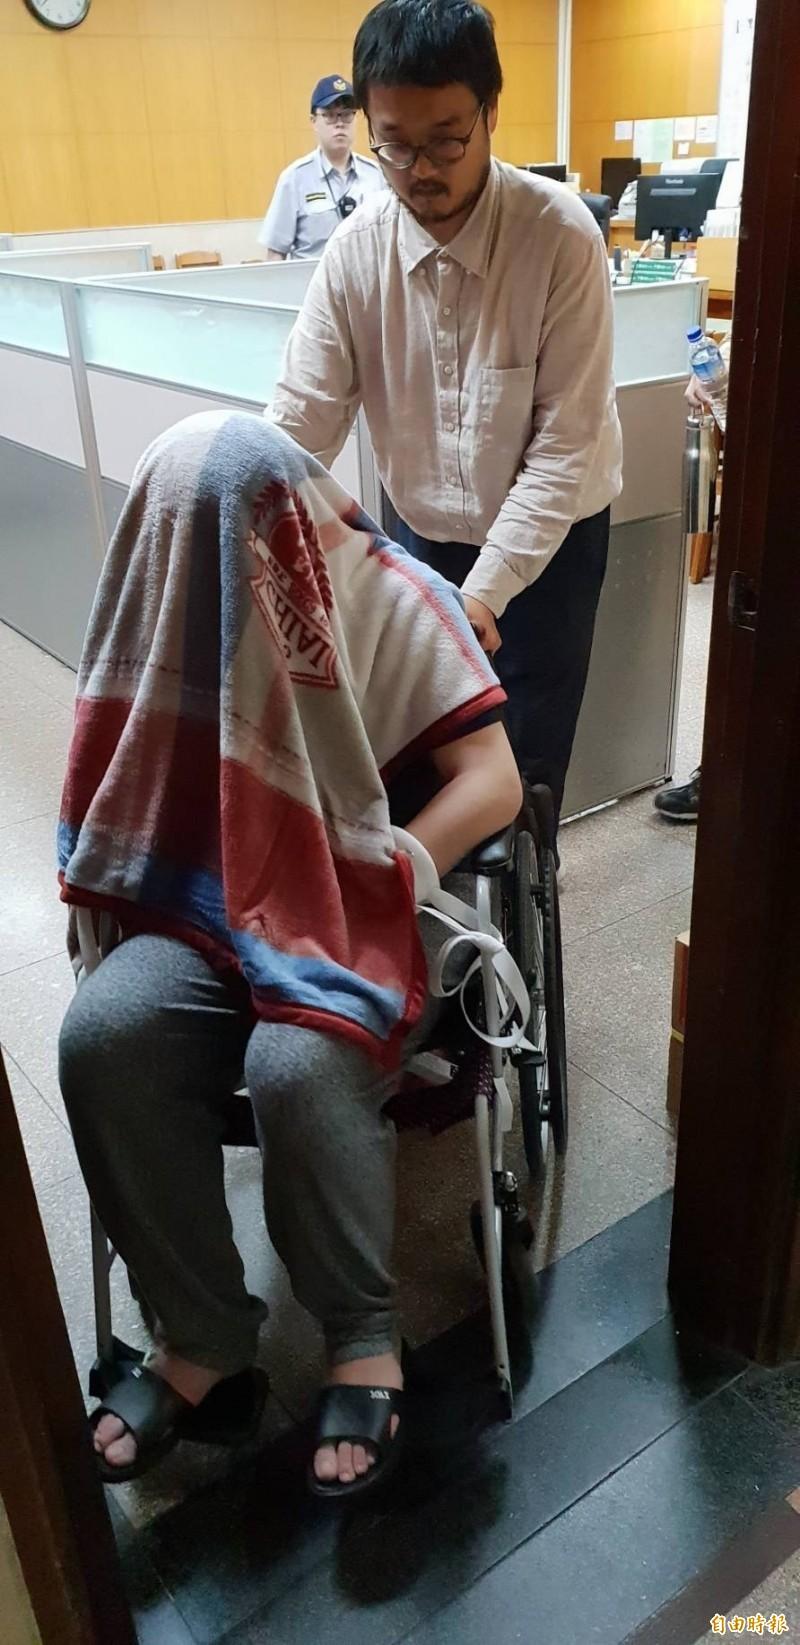 黃琪屢次託病阻撓審判被拘提  北院裁定5萬元交保